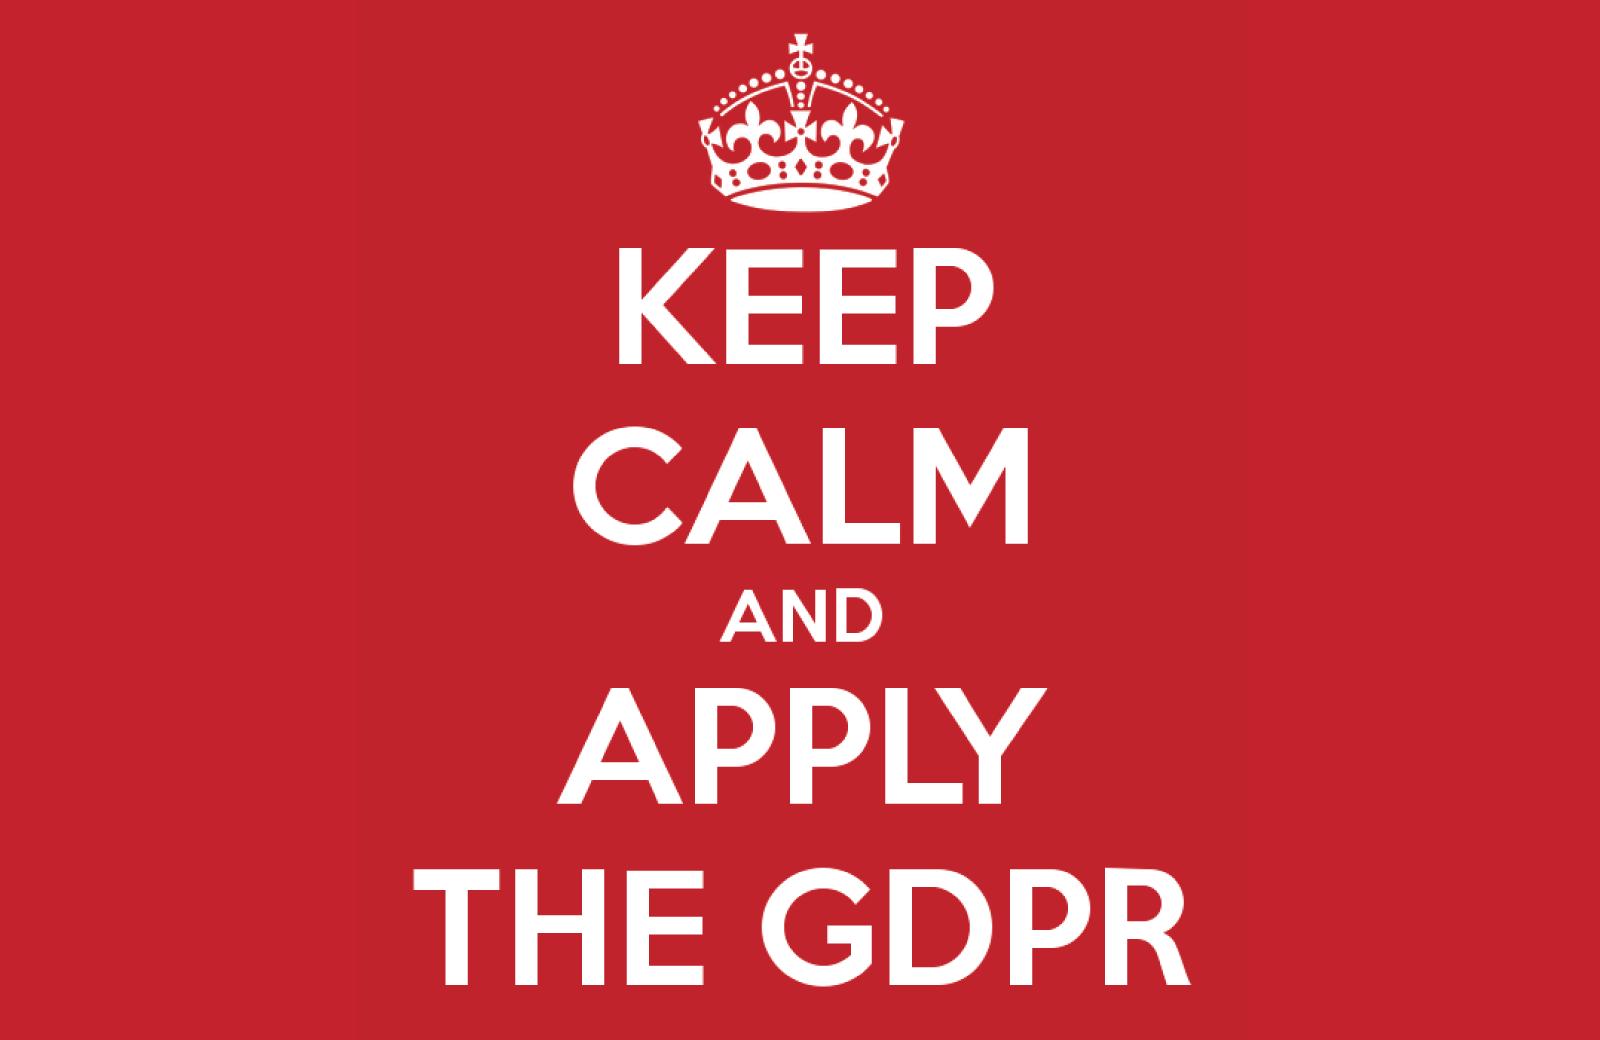 Ecco perché la privacy imposta tra un anno con l'applicazione del GDPR non vi deve spaventare